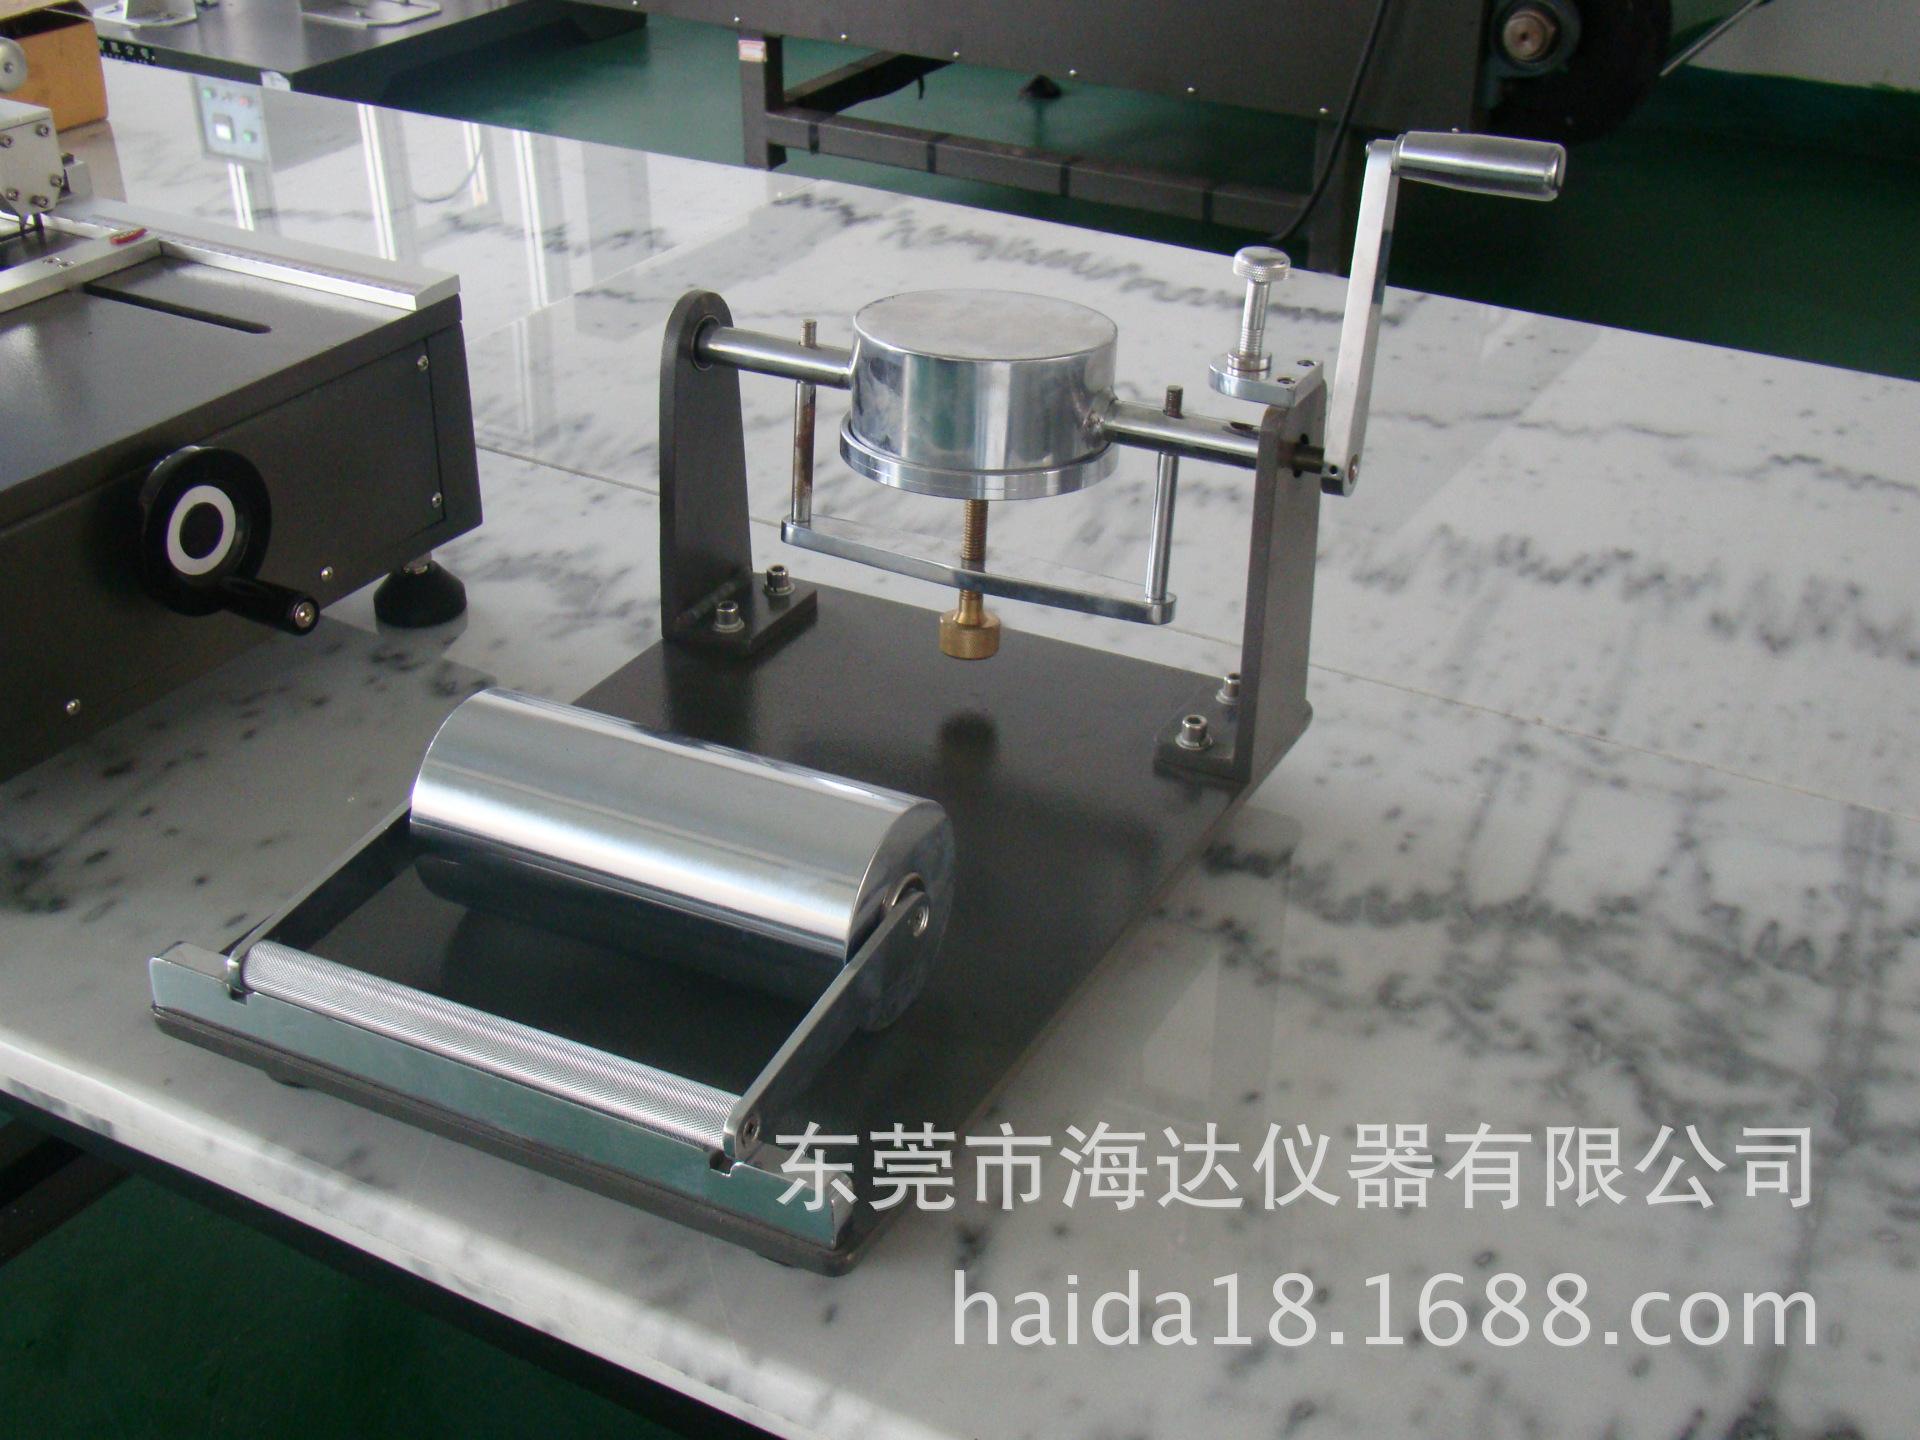 造纸检测仪器 东莞纸张表面吸收重量测试仪